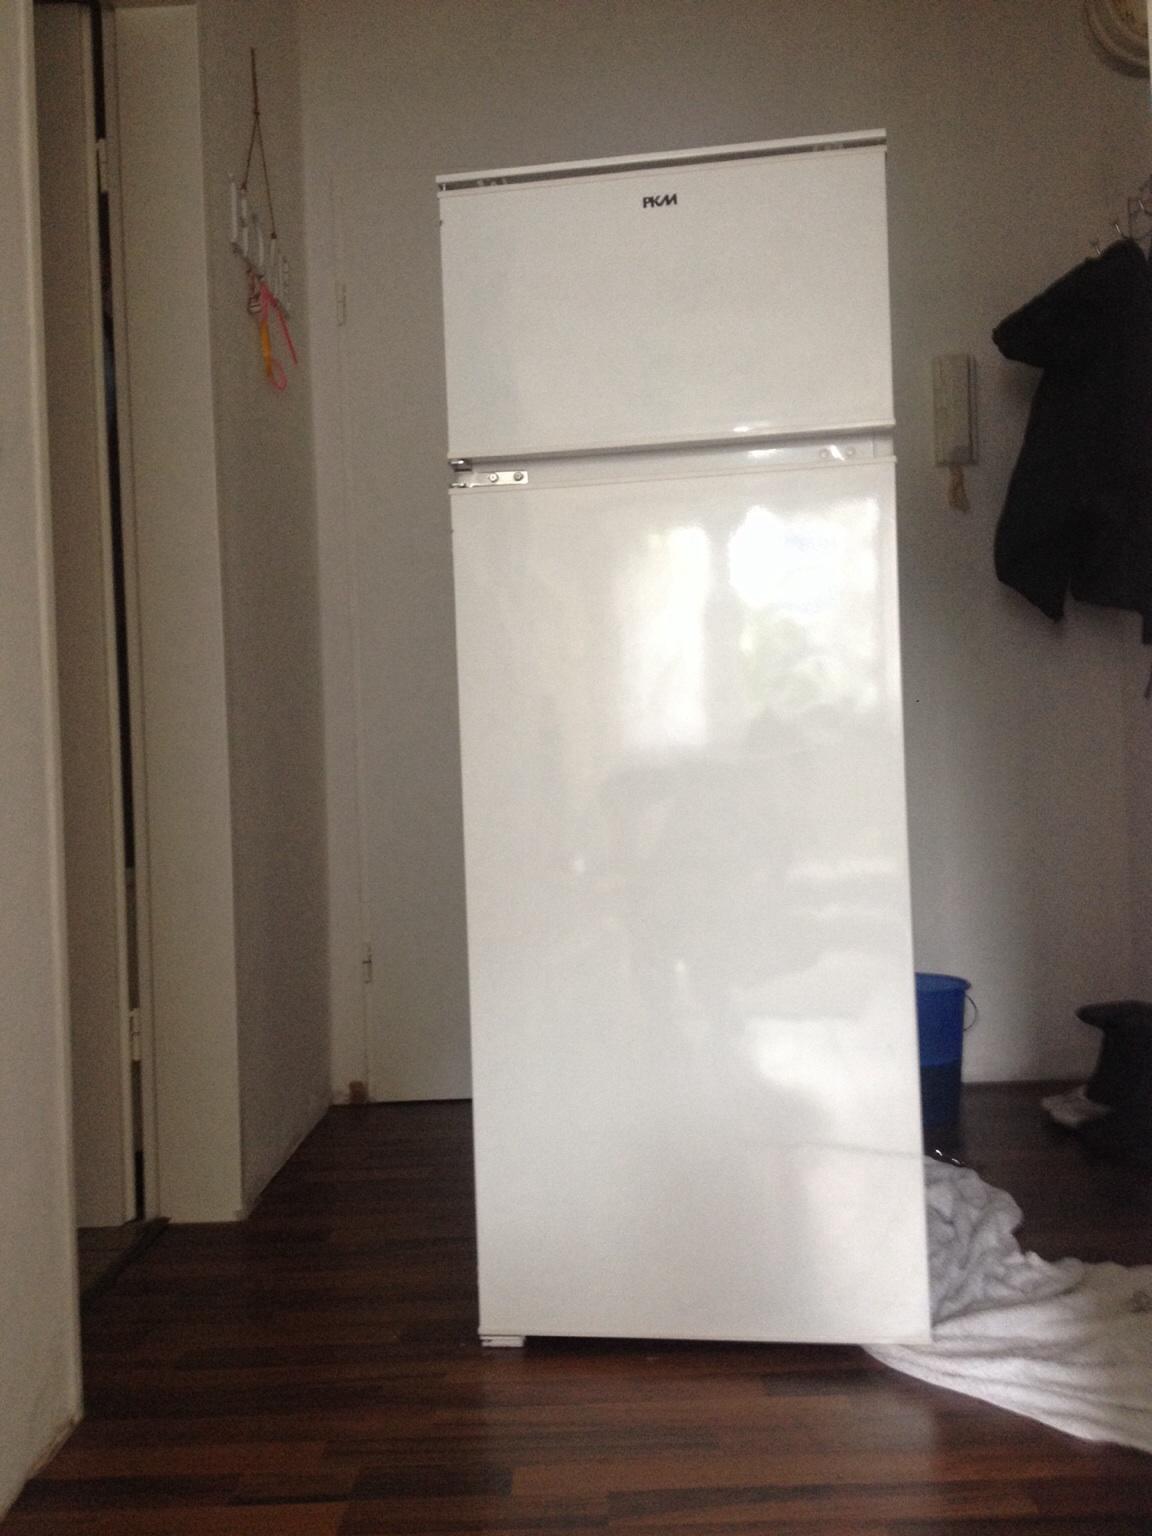 Kühlschrank Pkm : Gebraucht kühlschrank einbau kühlschrank pkm in